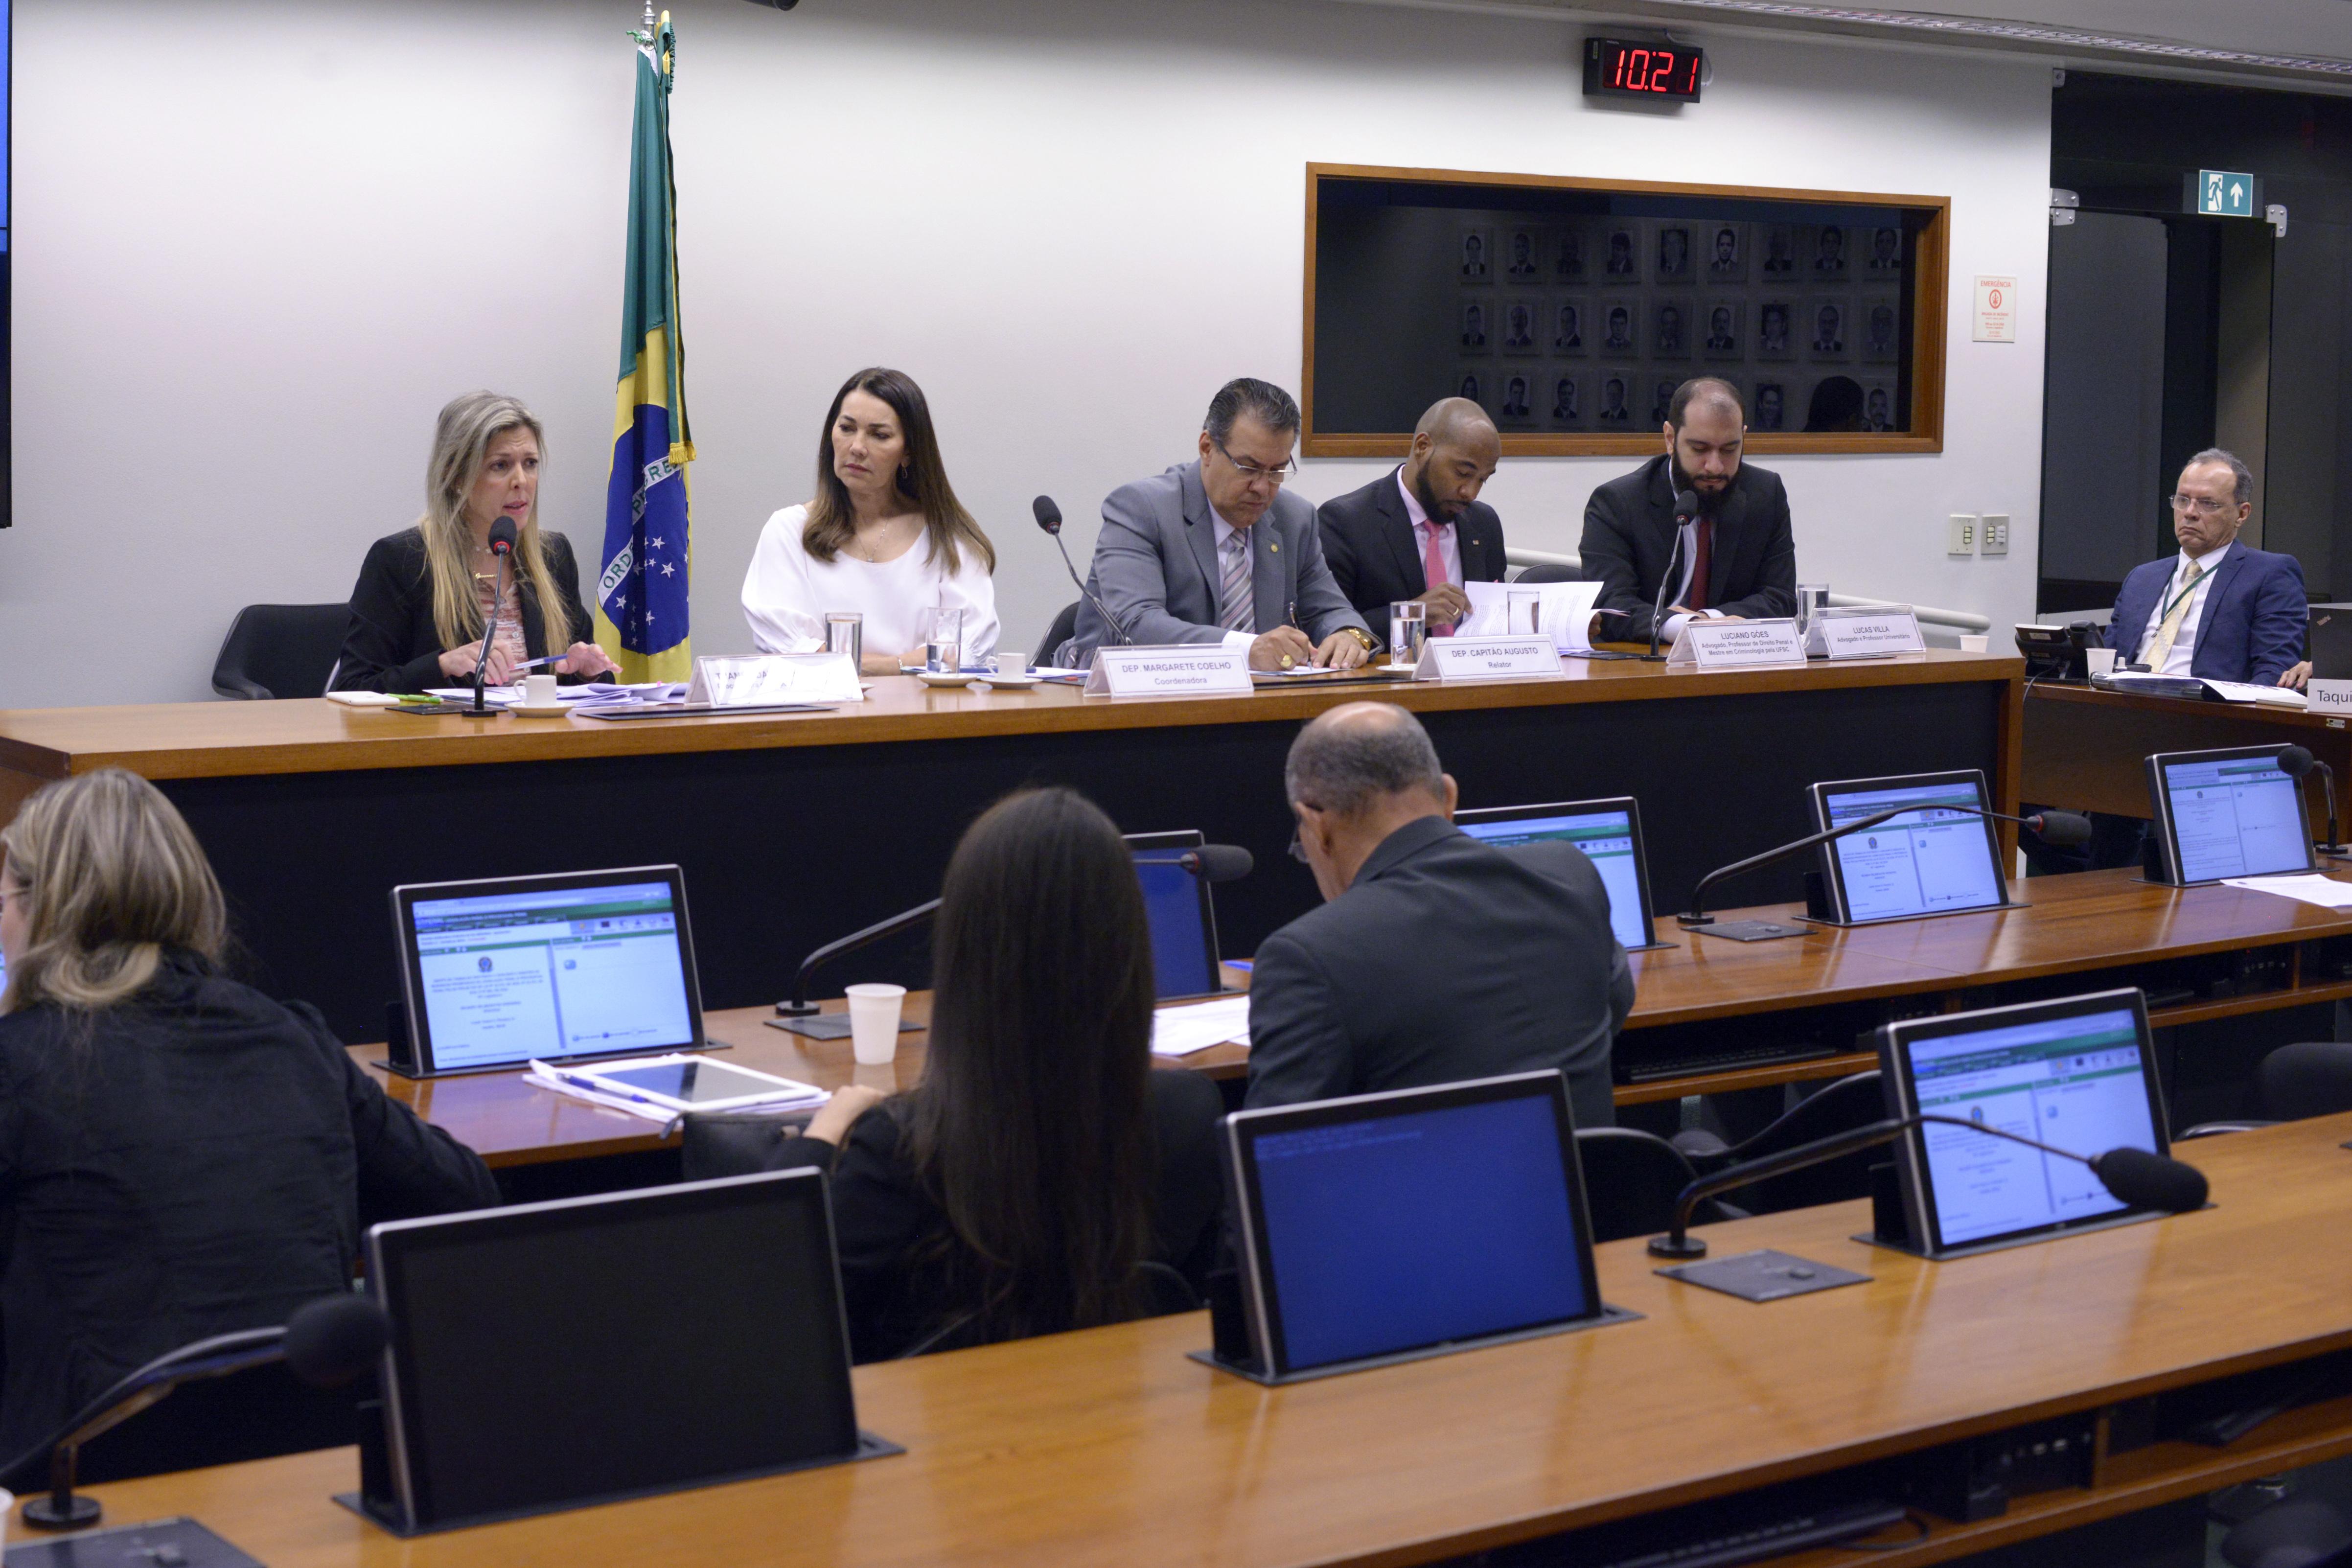 Audiência pública sobre as mudanças na legislação penal e processual penal.